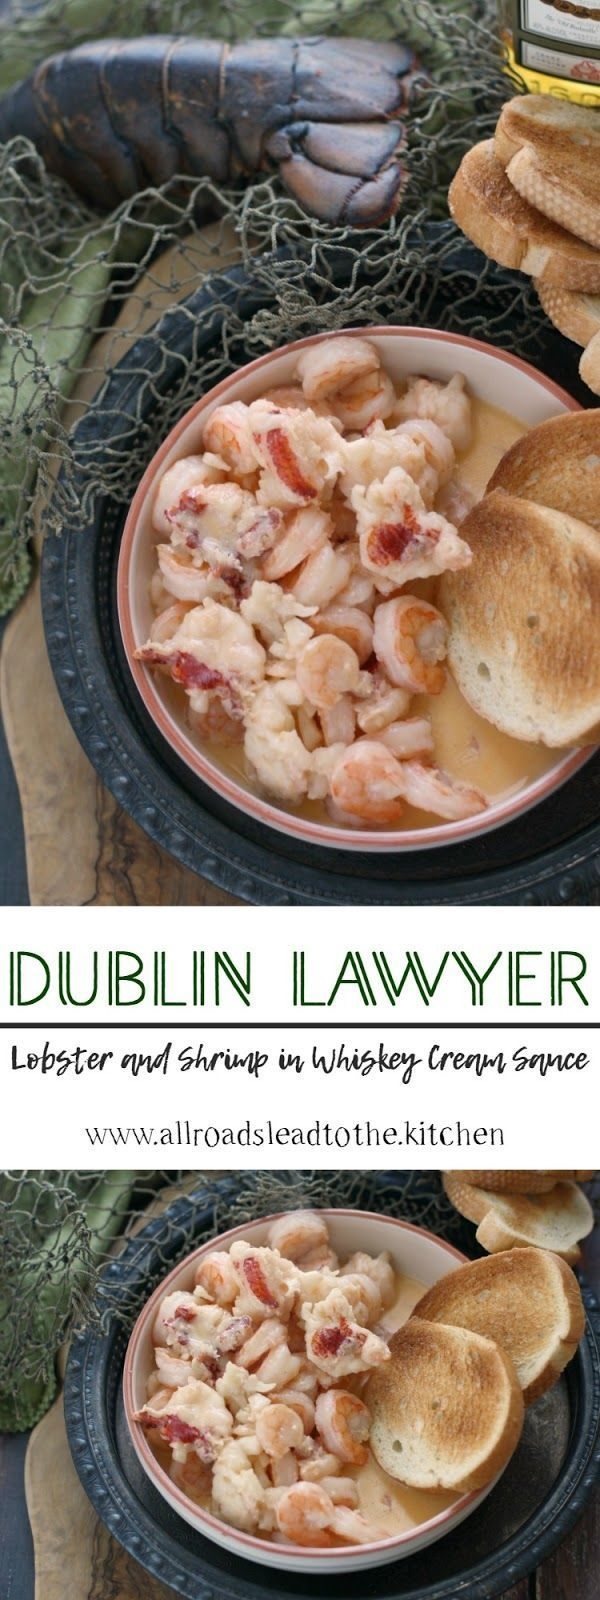 #Hummer #Whiskey #Hummer #Whiskey #Dublin #Rechtsanwalt